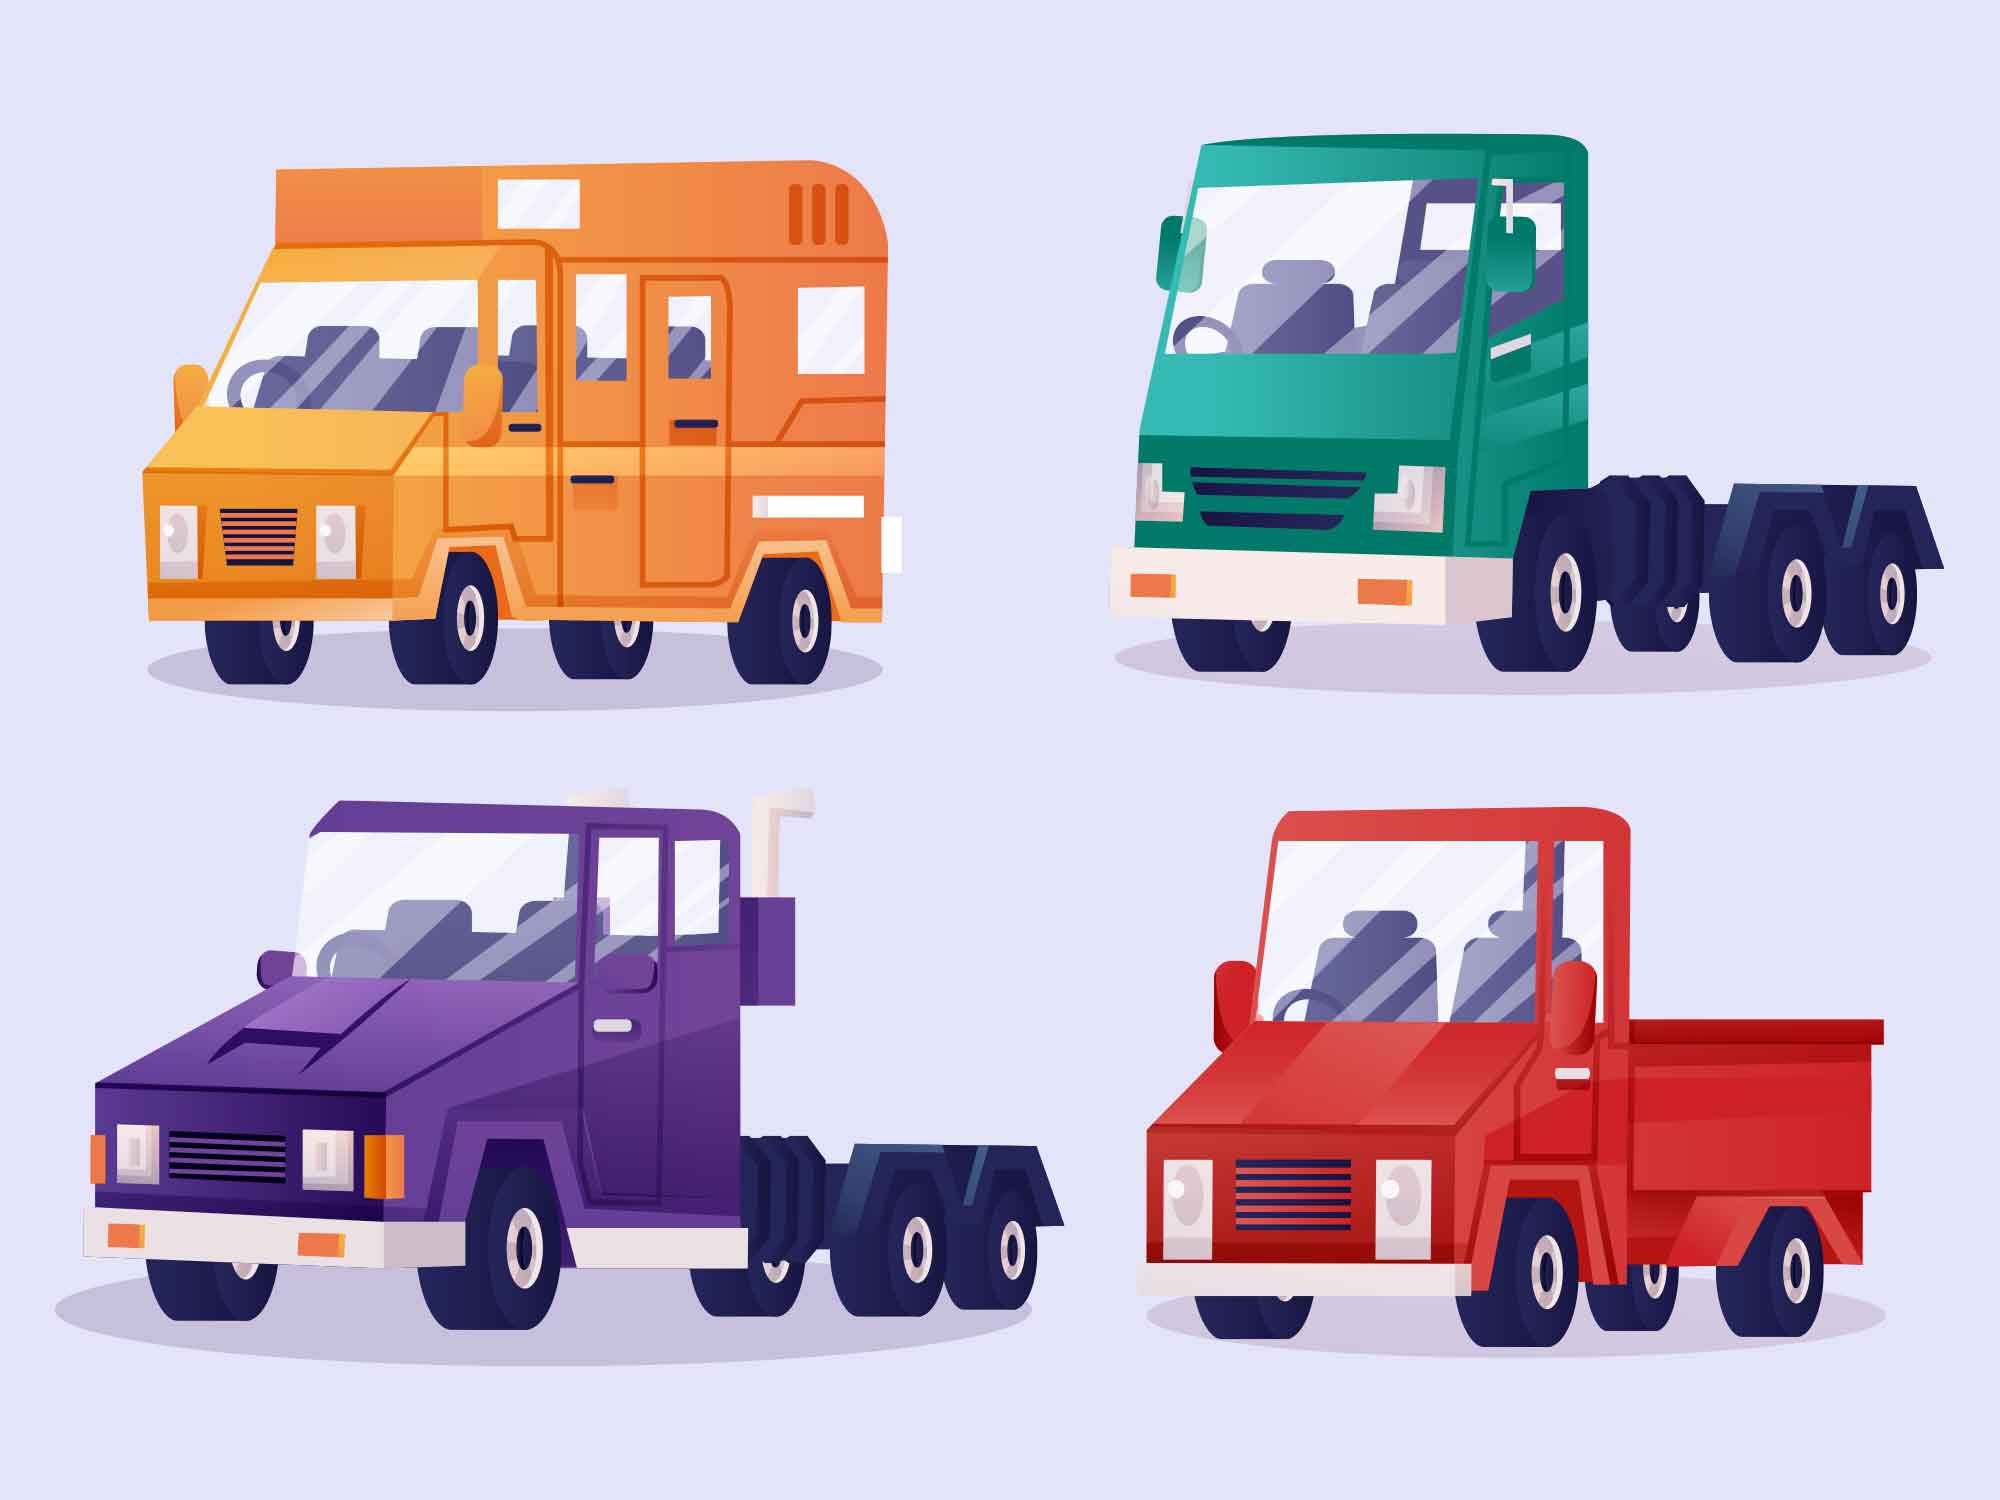 Loading Vehicles Illustration